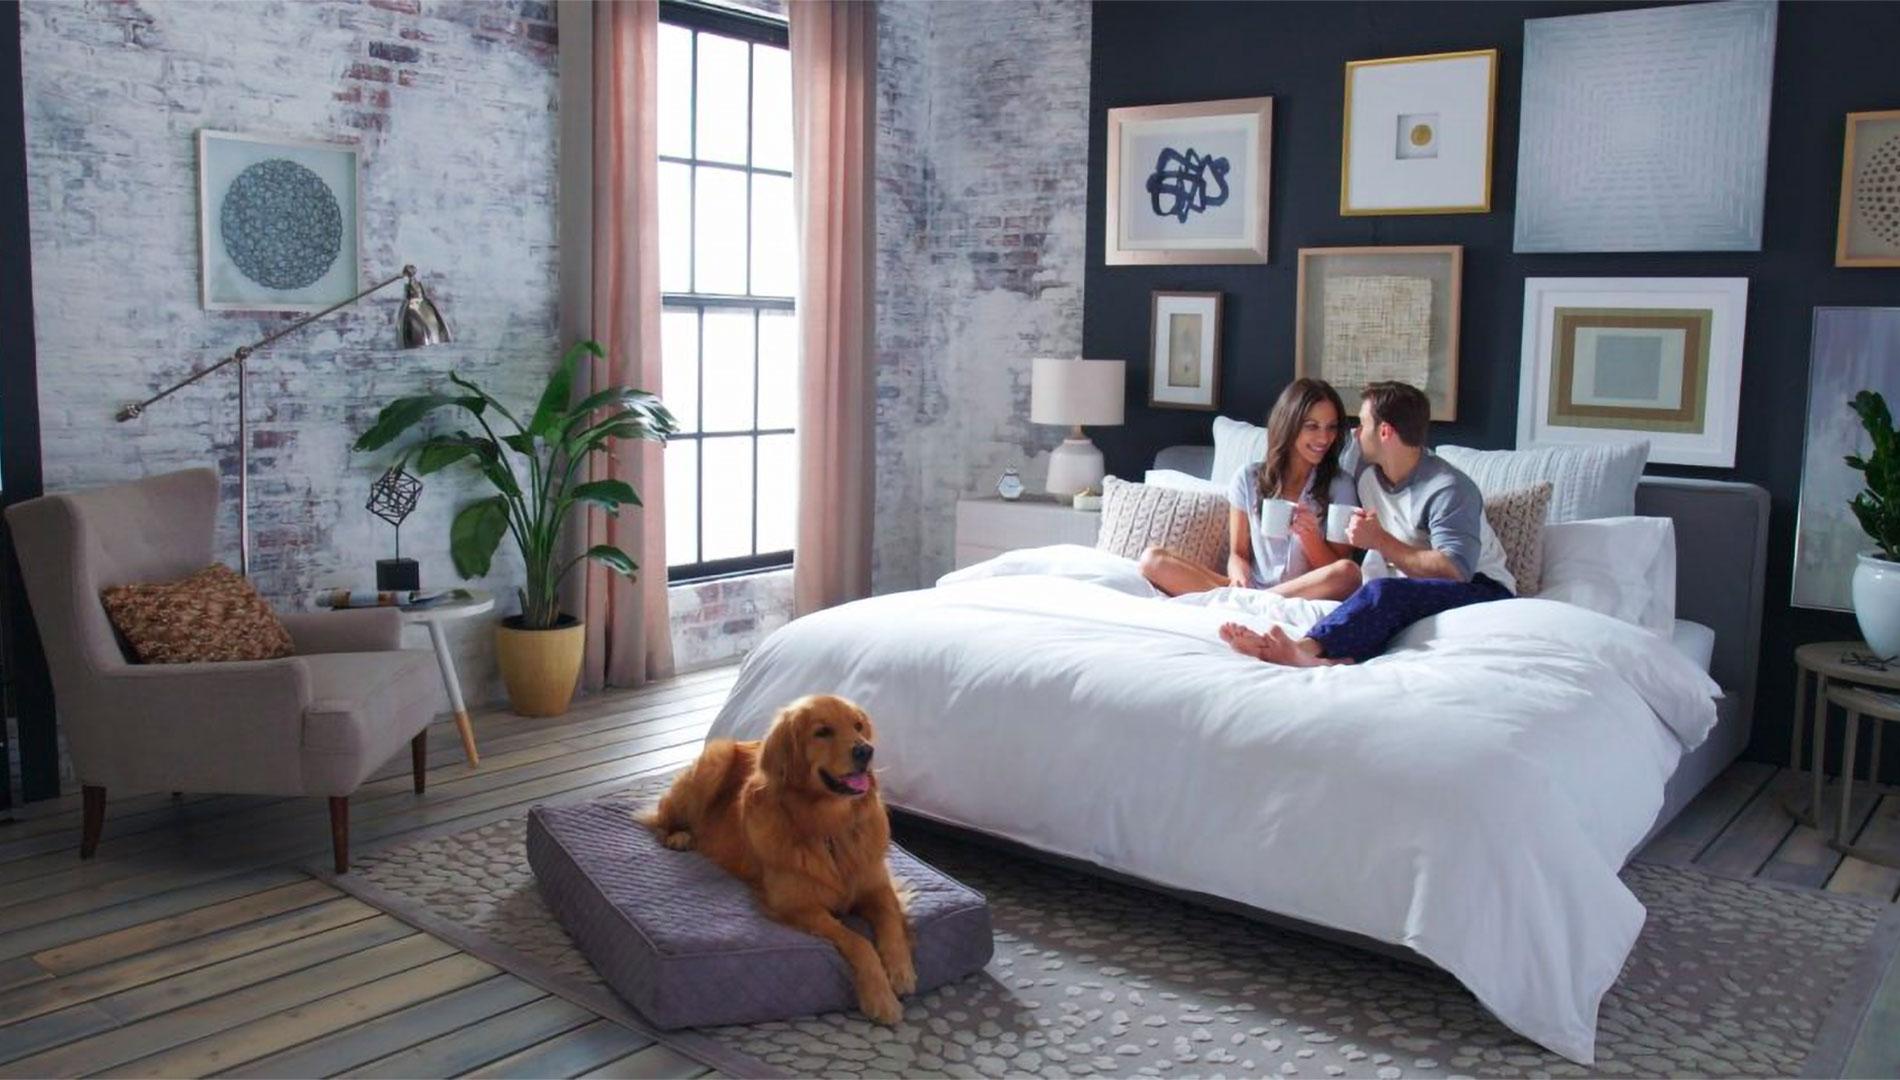 Confort et bien-être dans la chambre